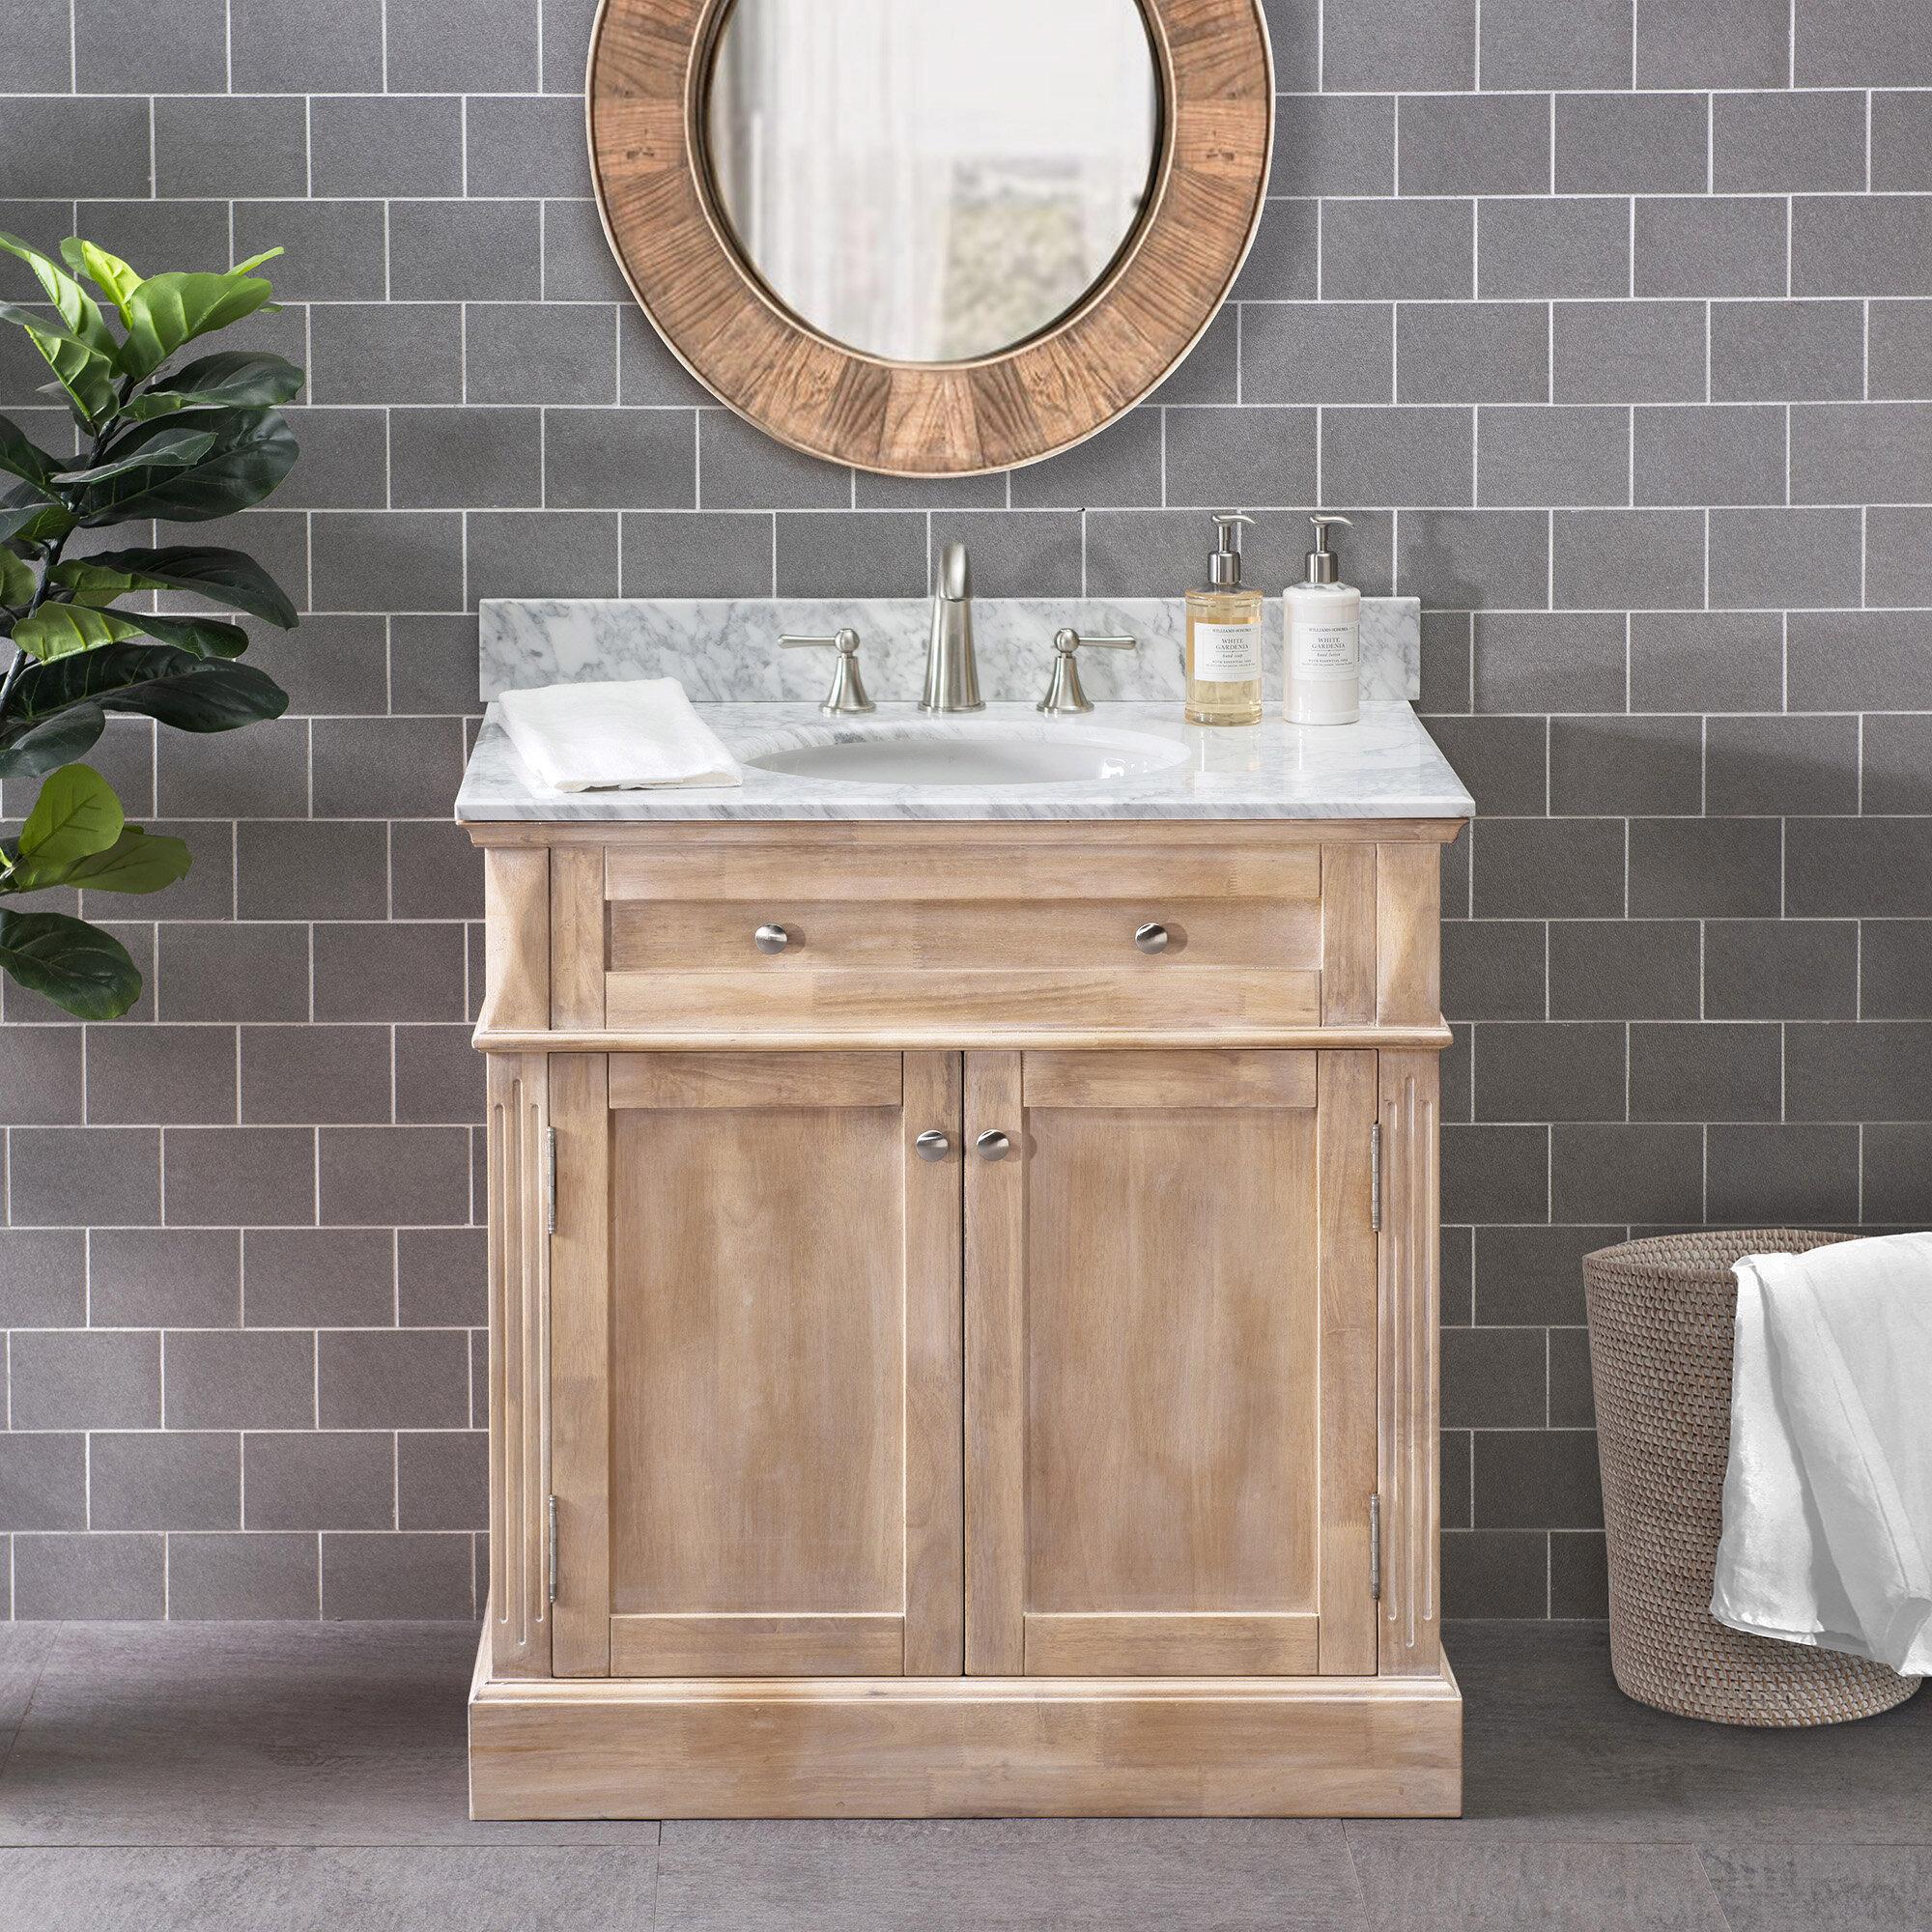 36 Inch Rustic Bathroom Vanities You Ll Love In 2021 Wayfair